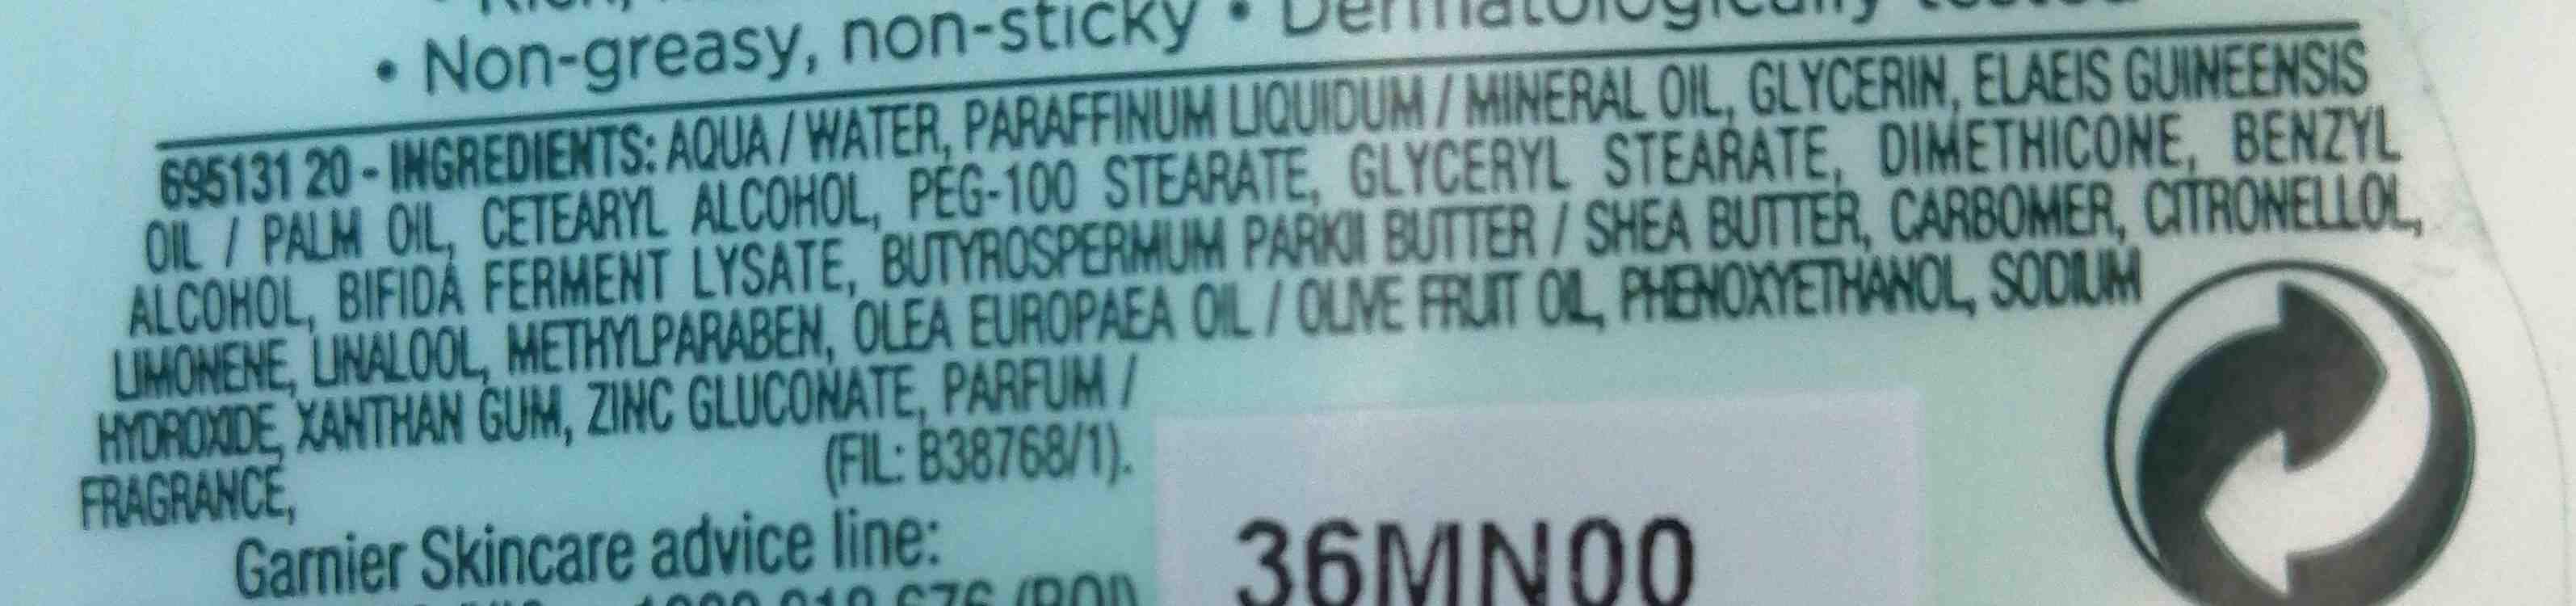 Garner body - Ingredients - en